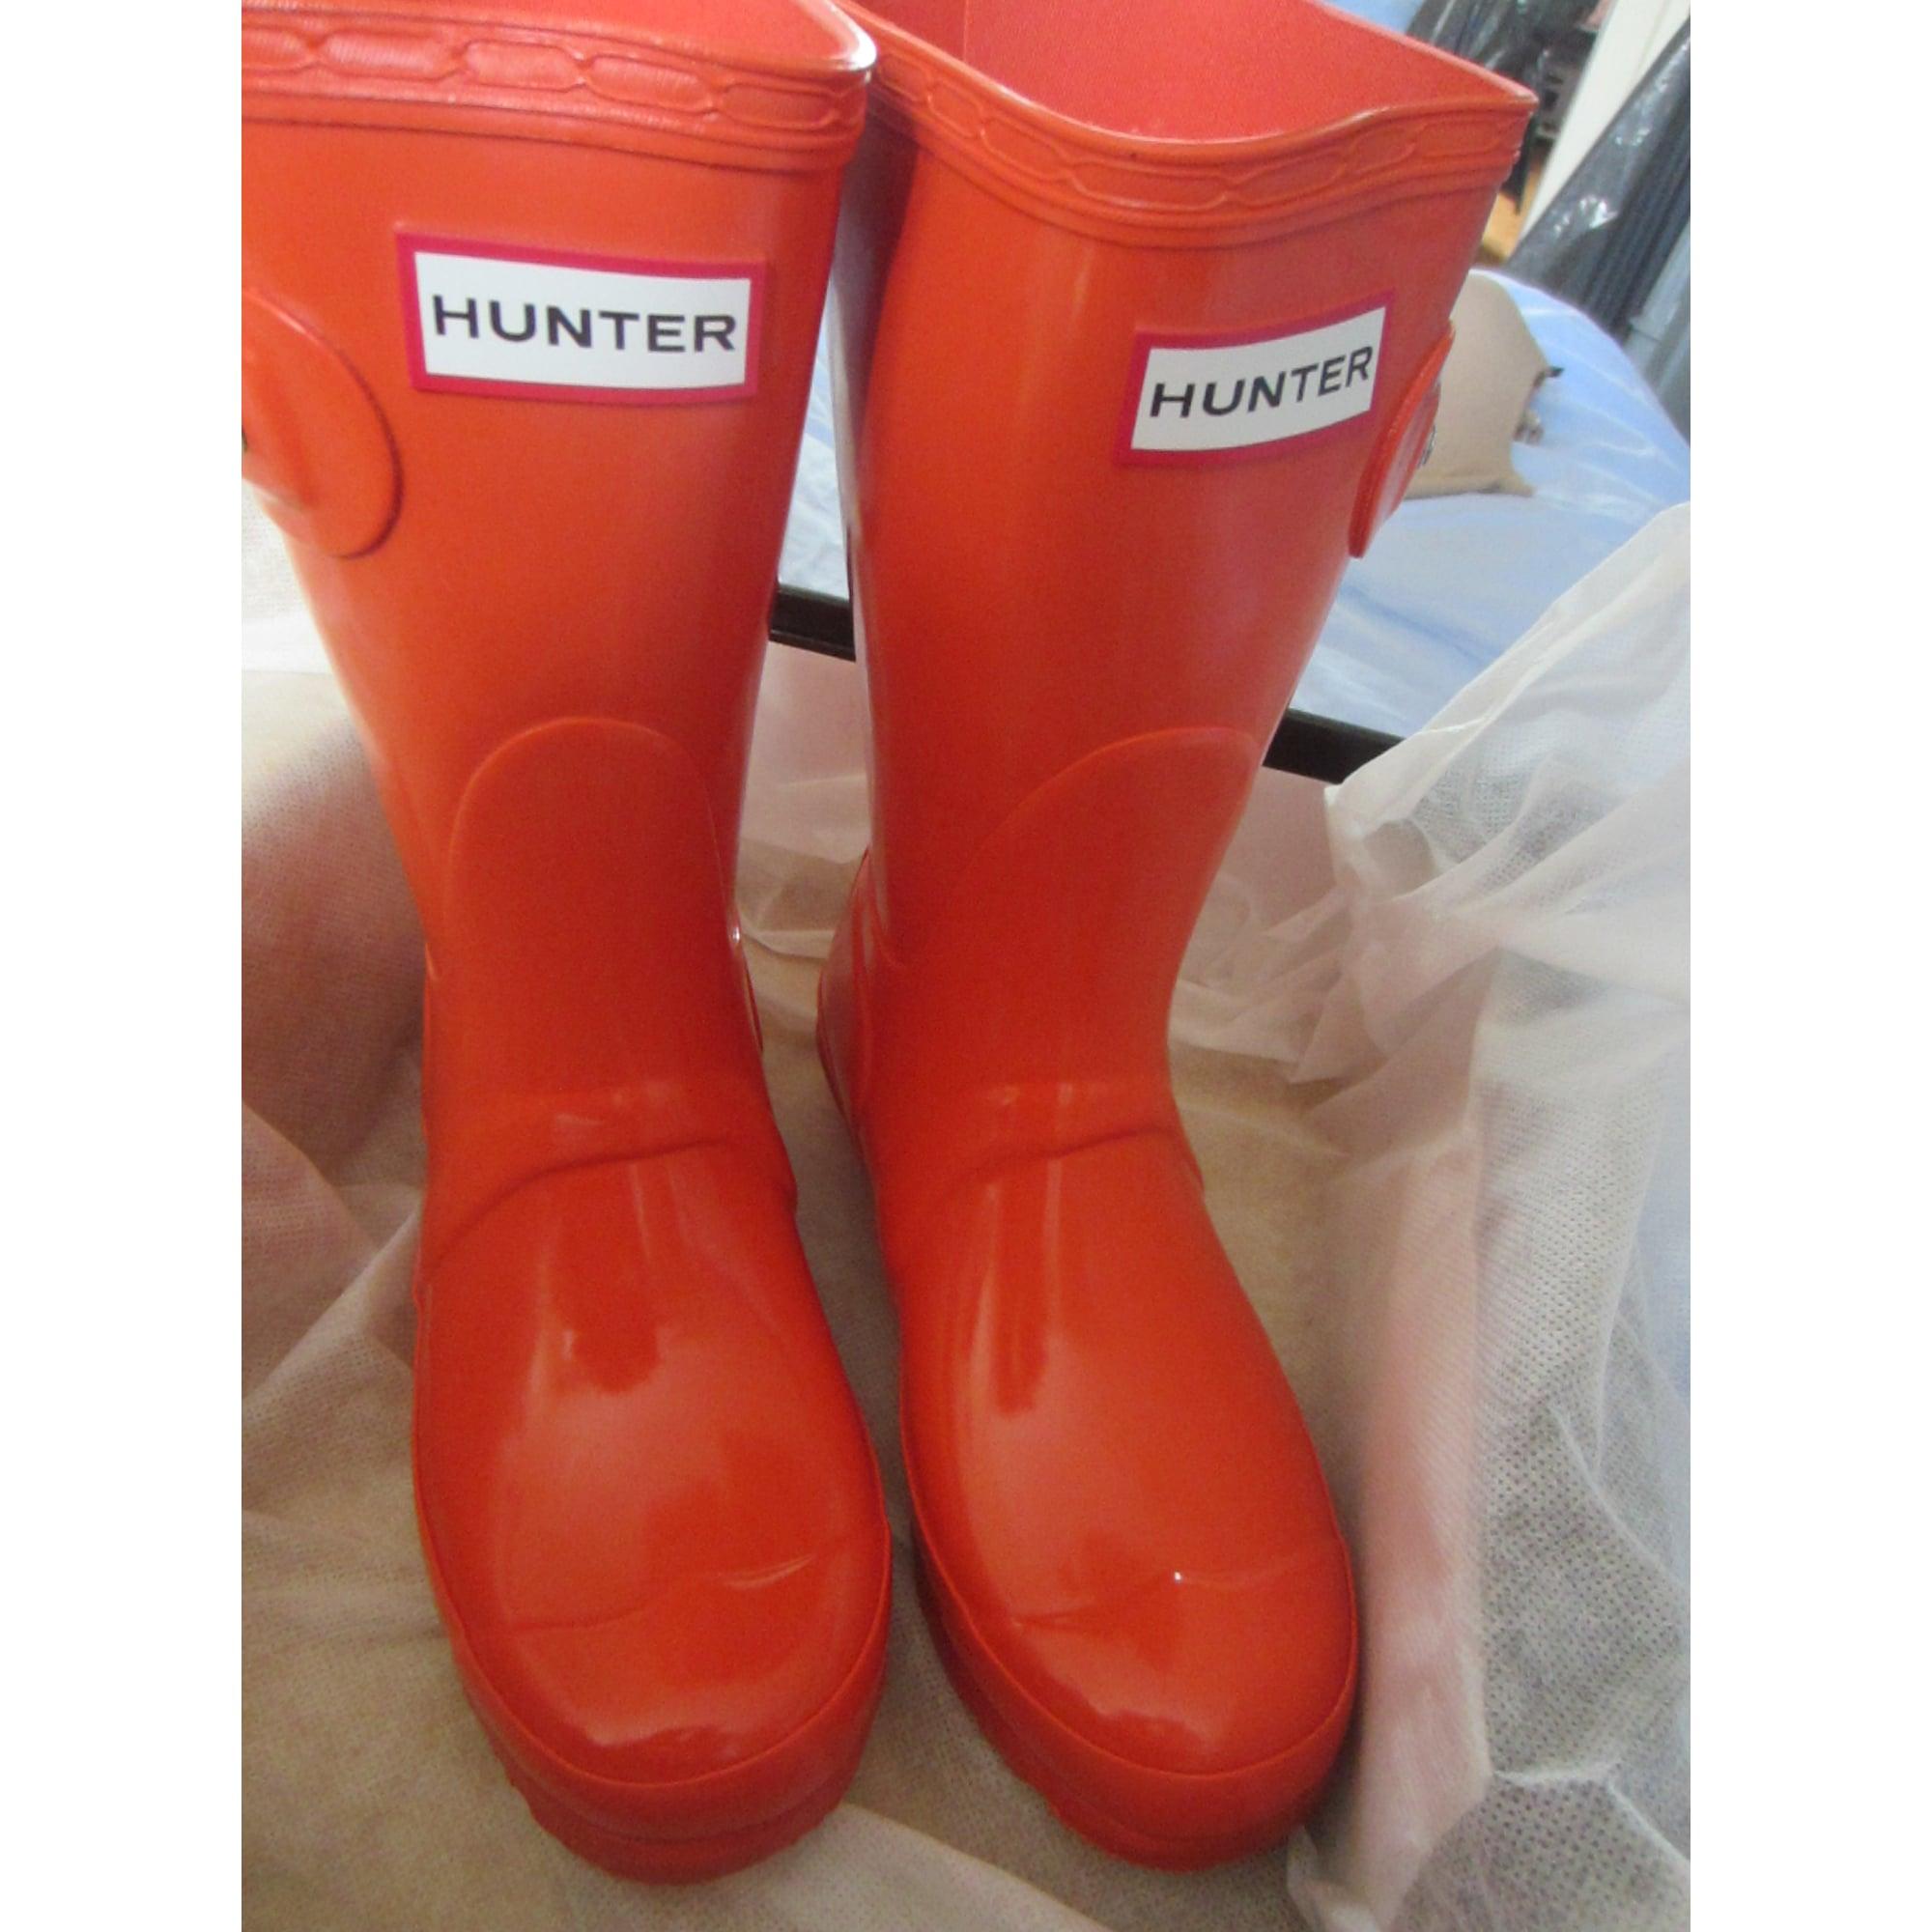 Bottes de pluie HUNTER plastique orange 36